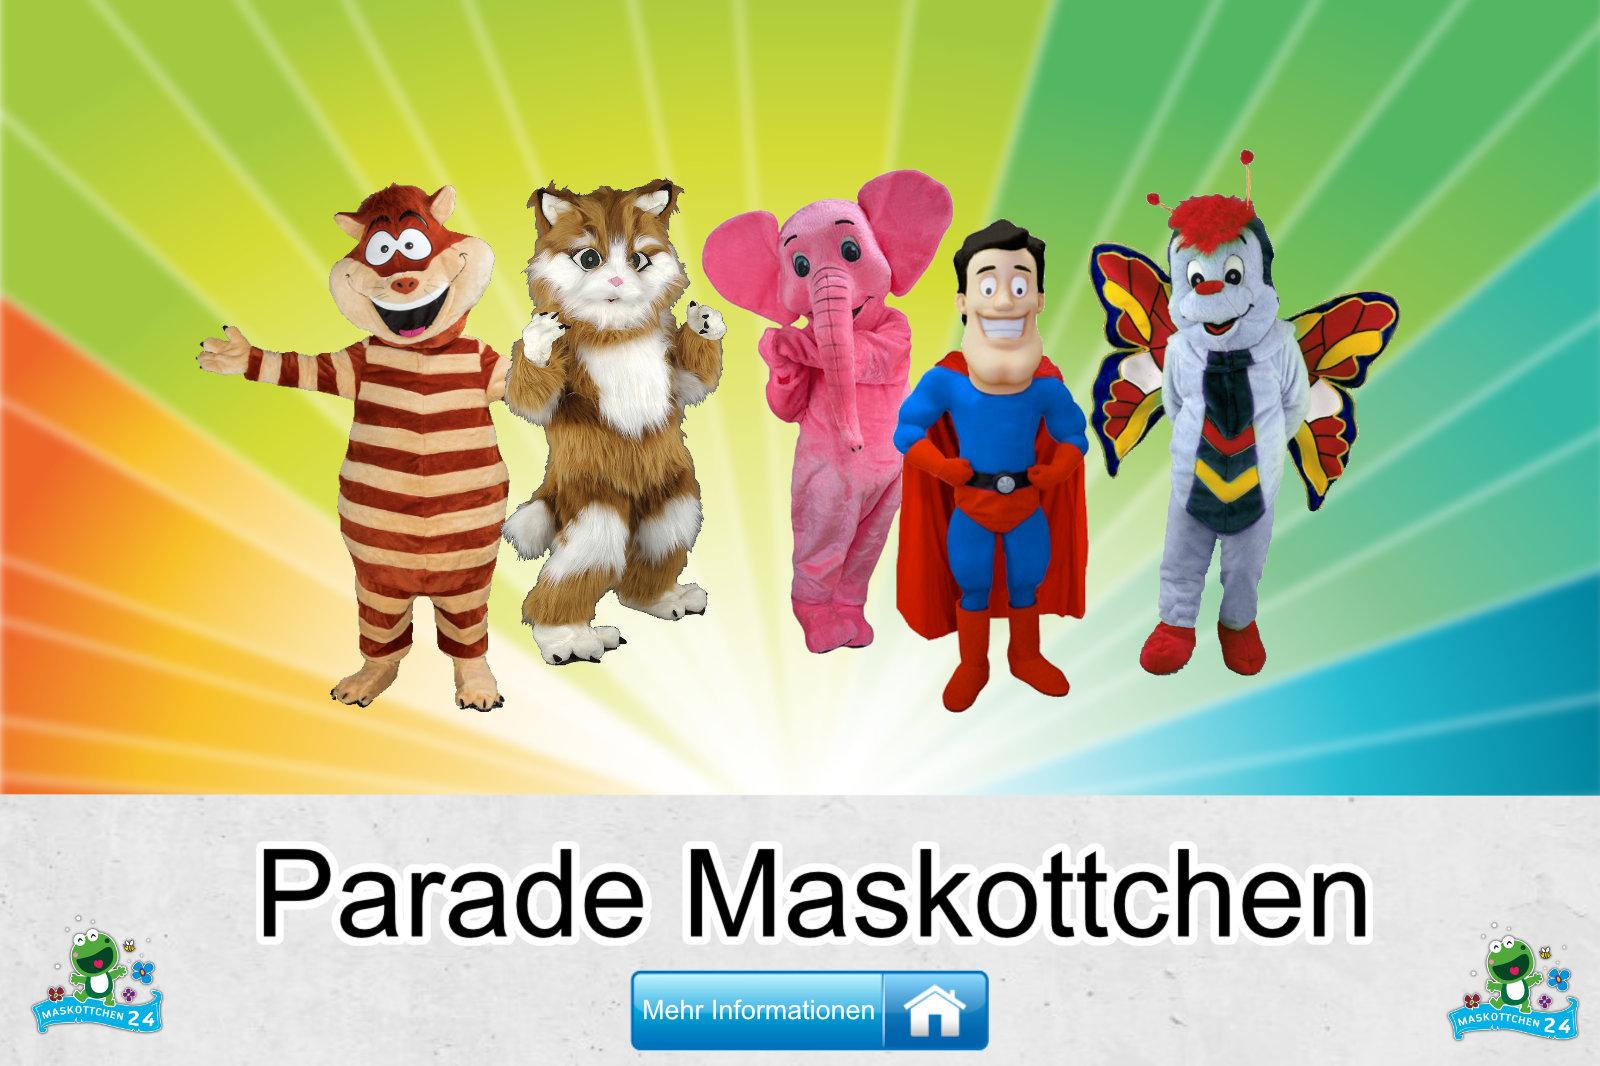 Parade Kostüme Maskottchen Herstellung Firma günstig kaufen